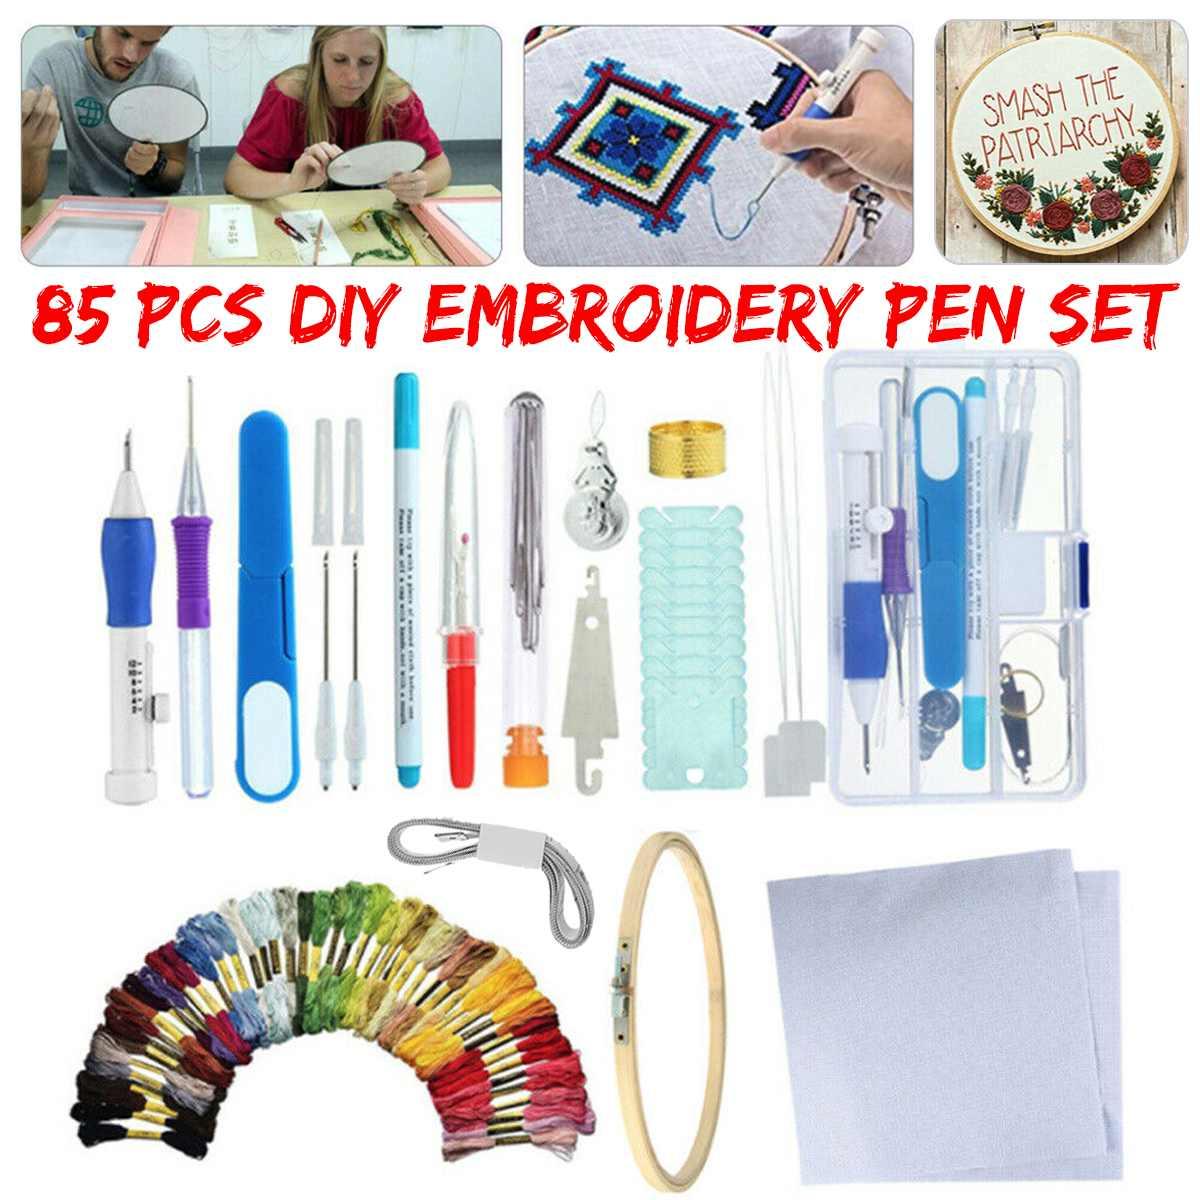 Caneta mágica de soco com agulha para bordado, 85 peças, ferramenta de costura, faça você mesmo, conjuntos de ferramentas de costura, para artesanato bordado